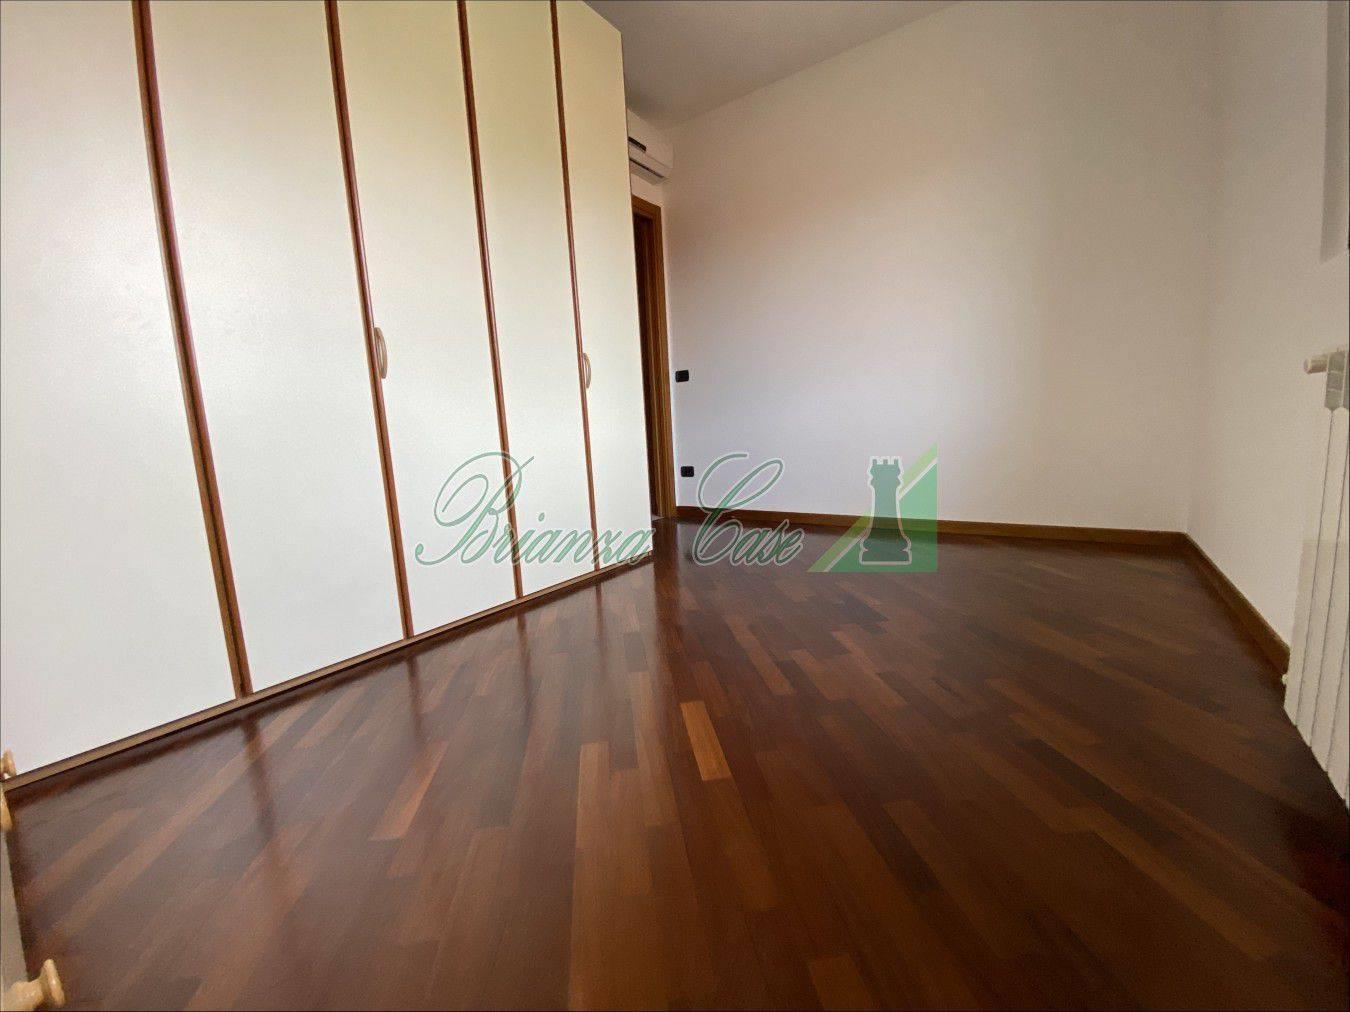 Foto 8 - Appartamento in Vendita - Arcore (Monza e Brianza)